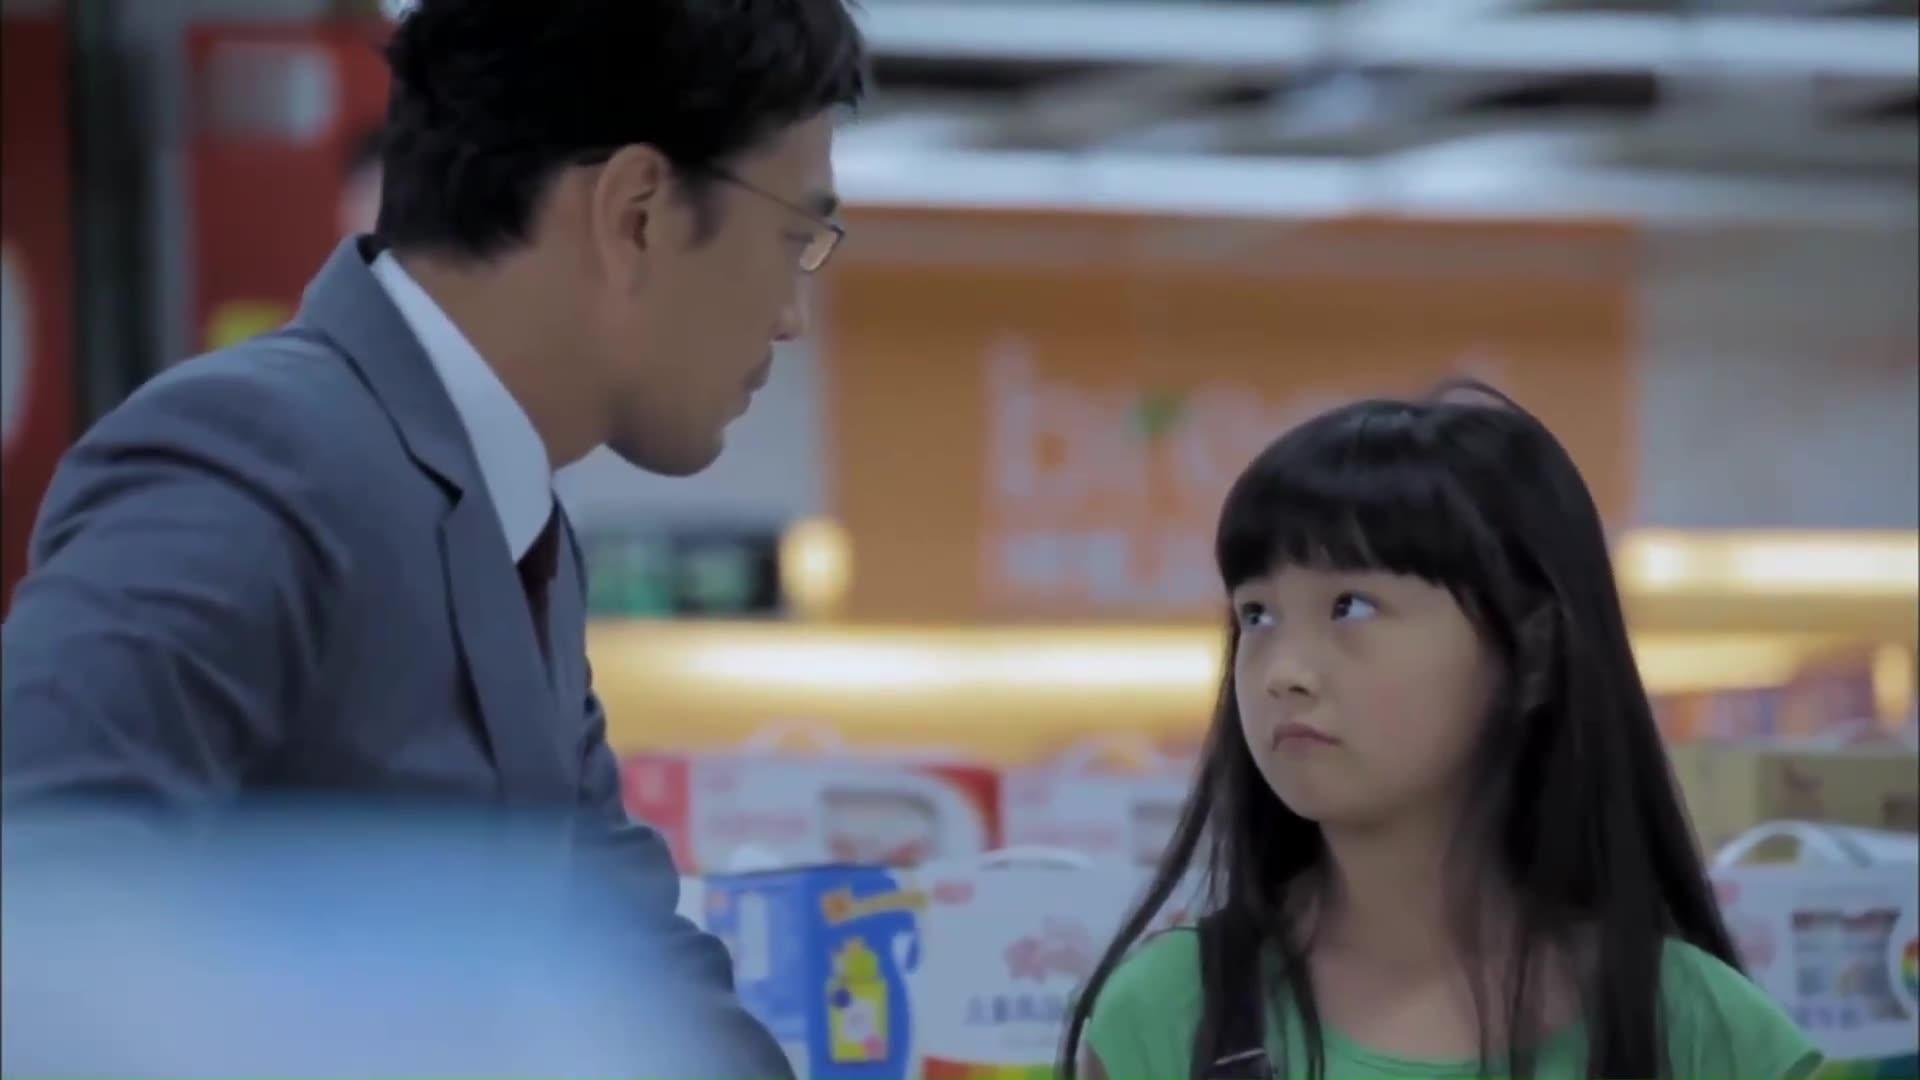 总裁爸爸带女儿逛街,不停追问女儿却不说话,酷女孩电话指责